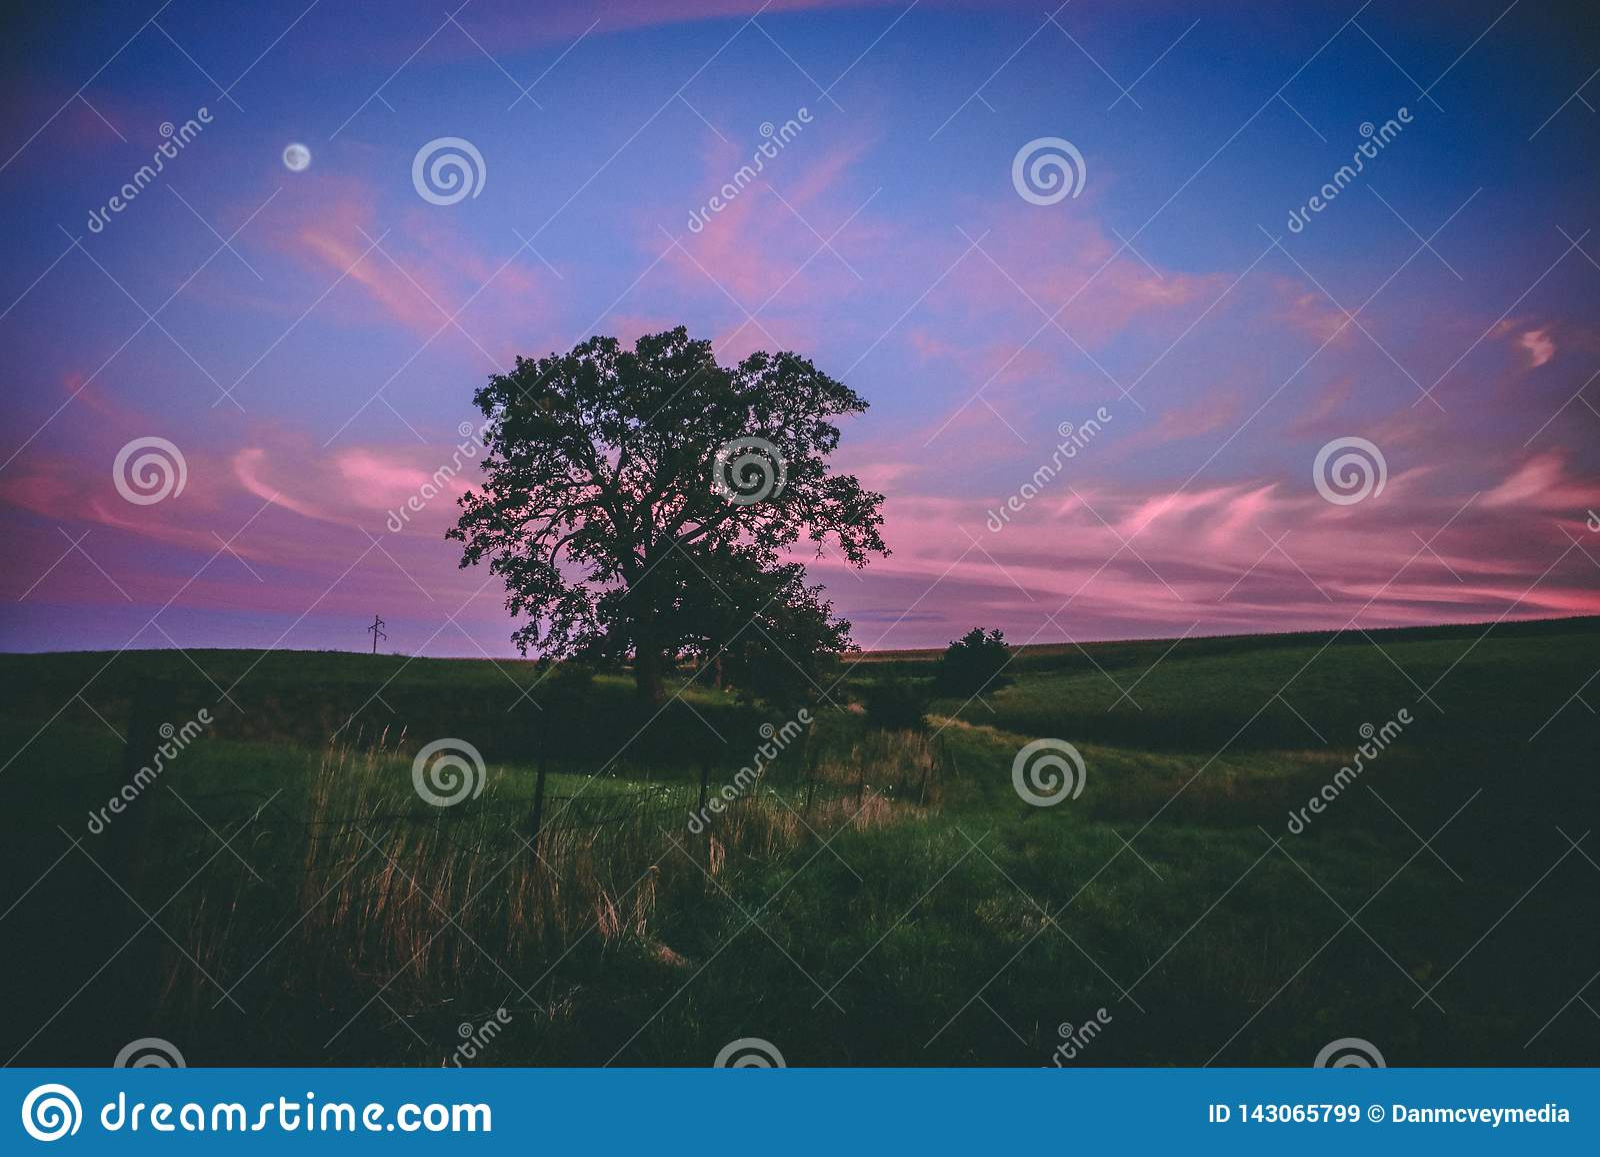 Zmierzch nad Epickim drzewem w Środkowy Zachód